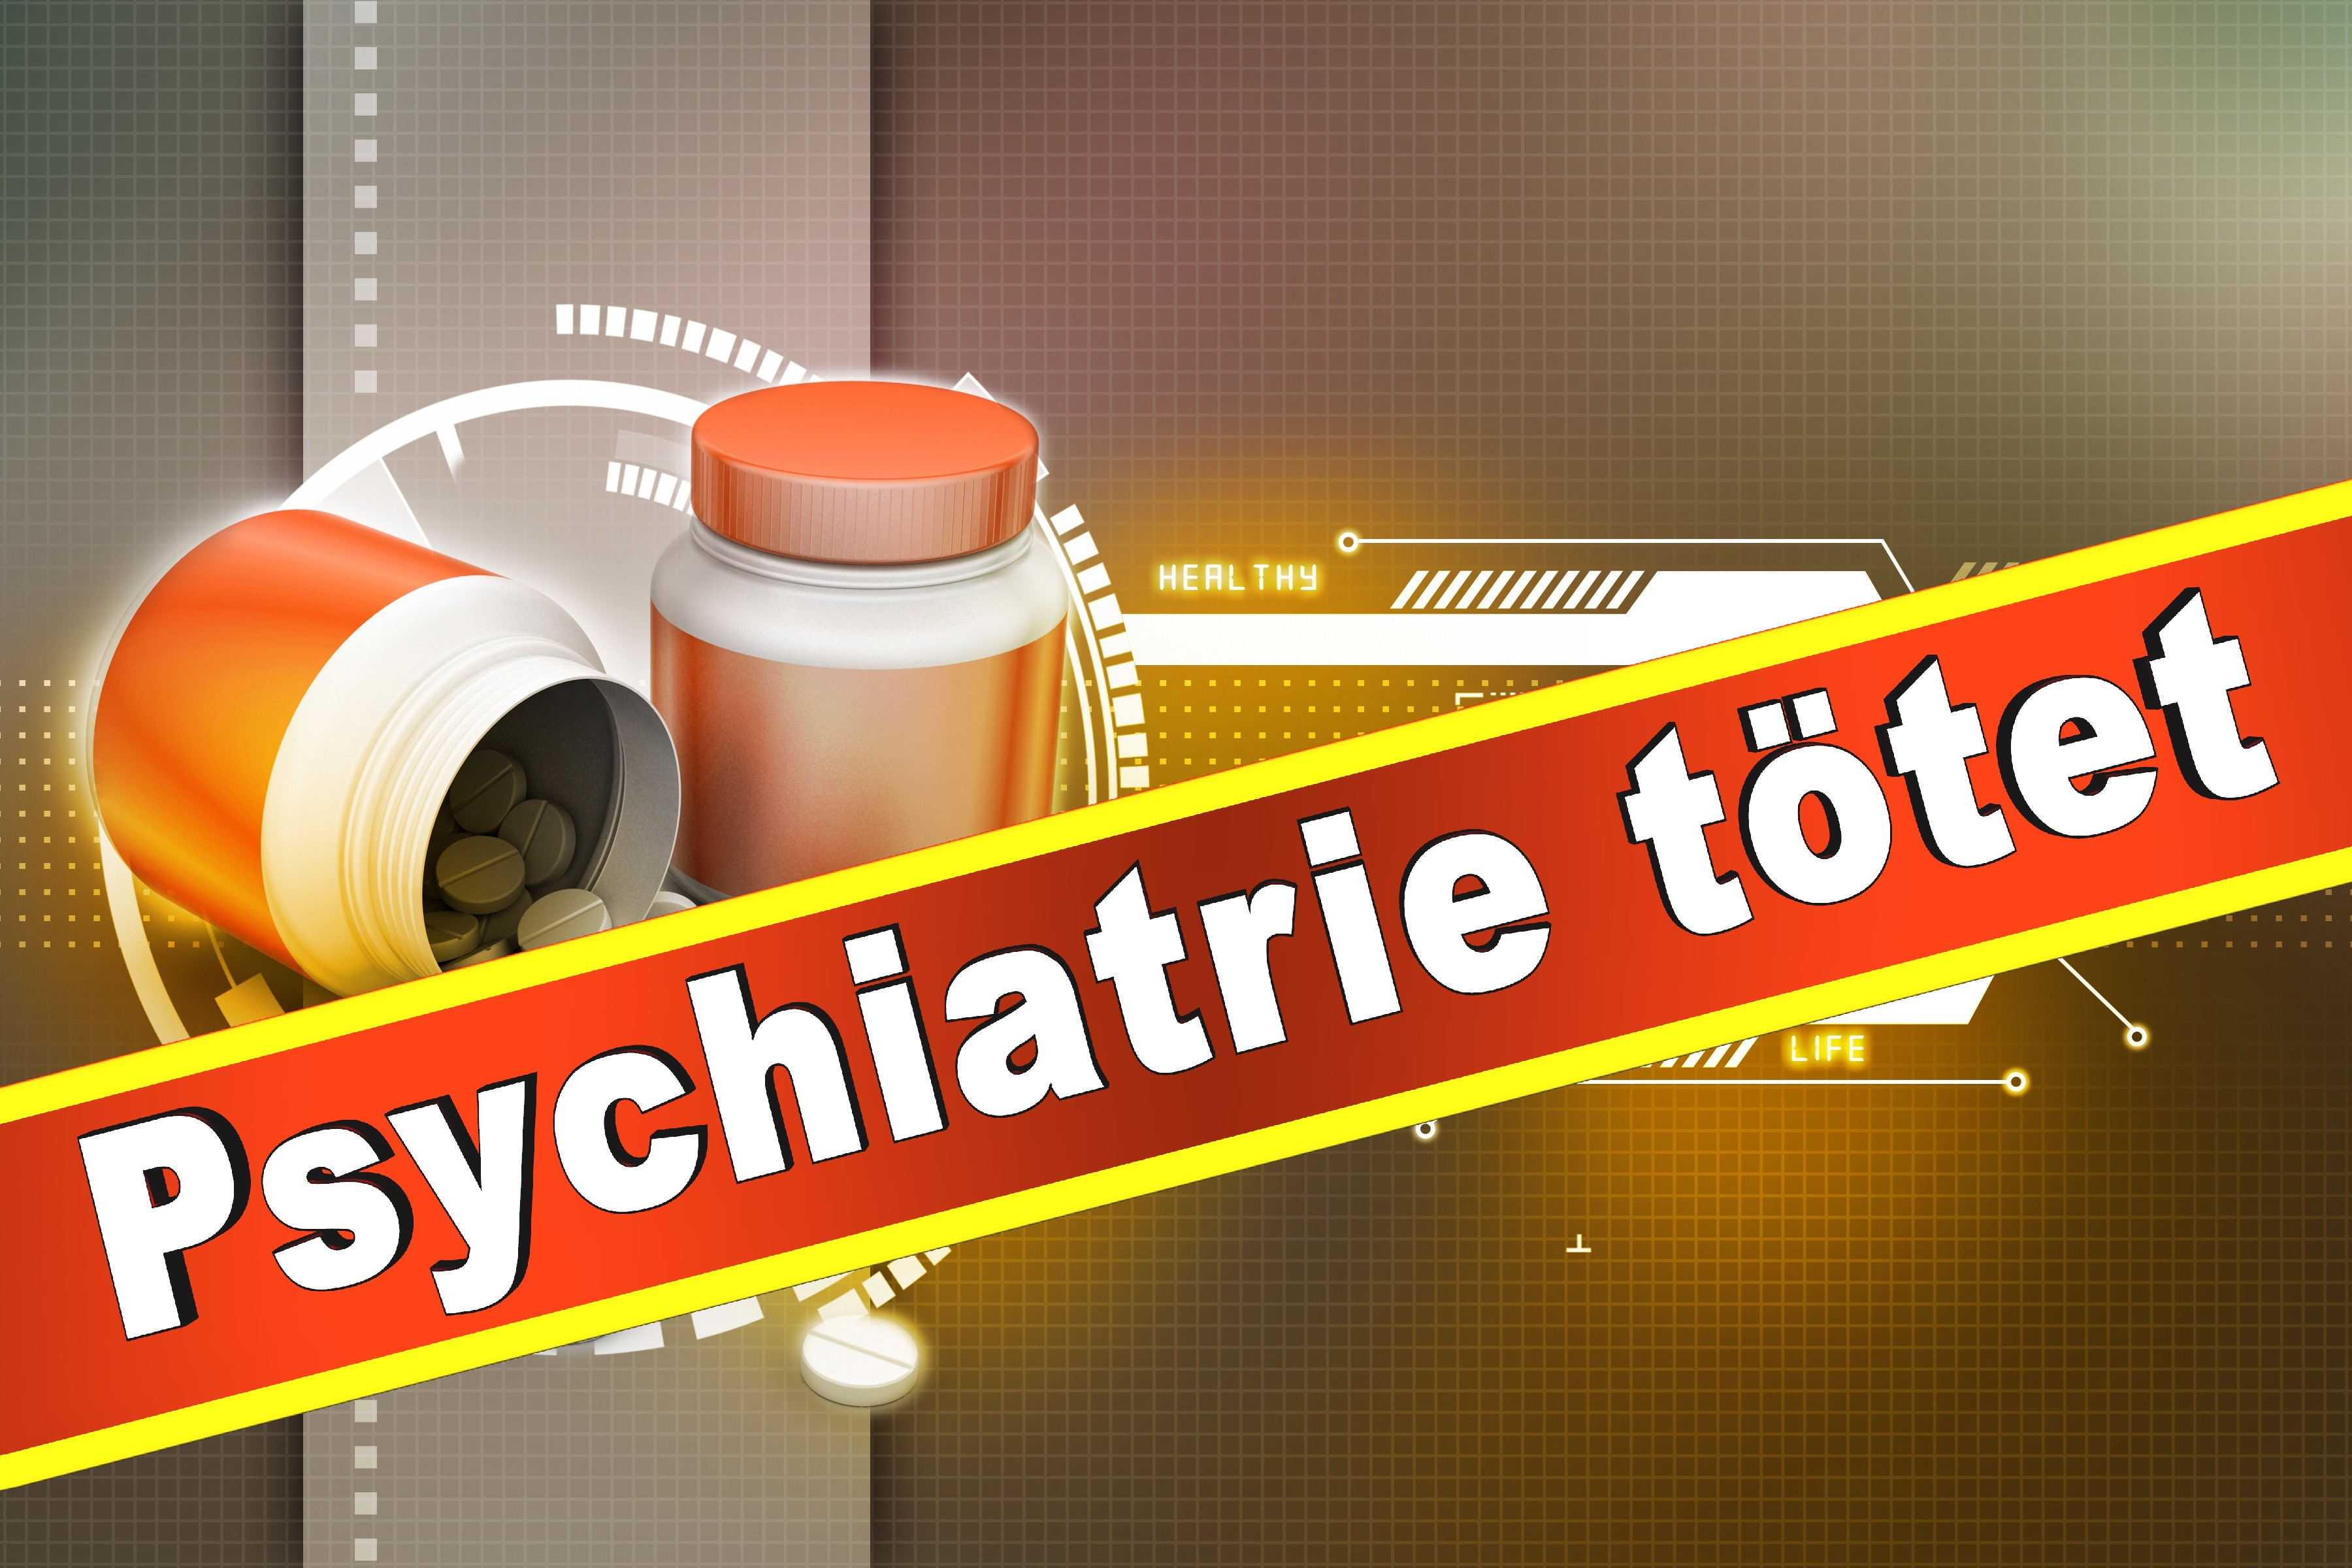 Carl Ernst Von Schönfeld Tagesklinik Psychiatrie Tod Bethel Psychiater Korruption Gift Zwangspsychiatrie Unterbringung (7)